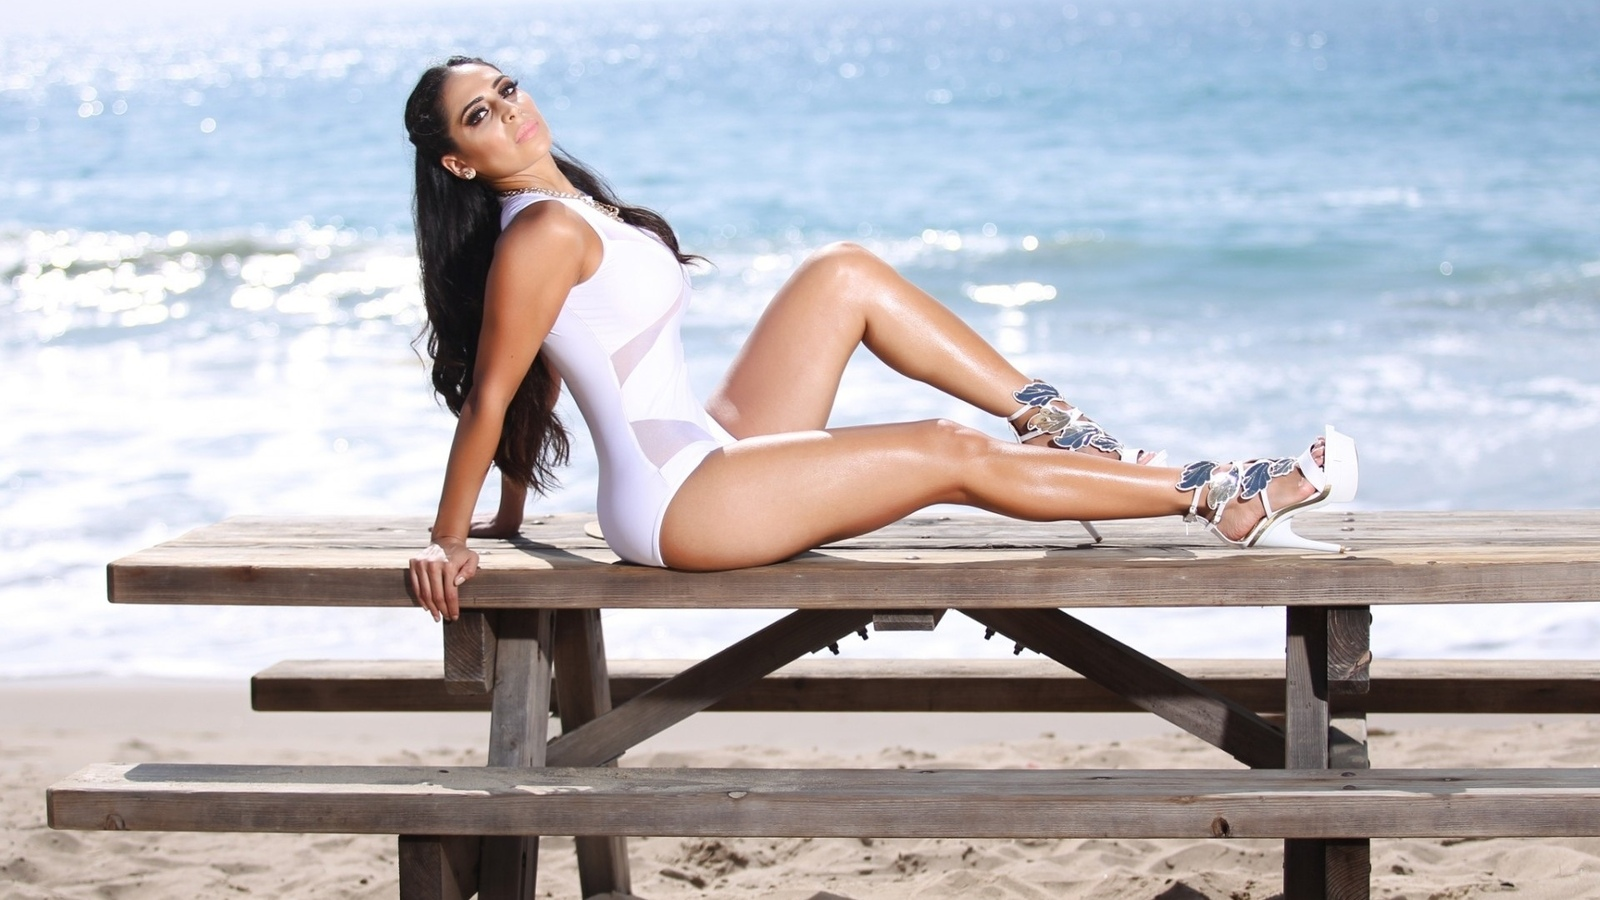 пляж, песок, брюнетка, шикарная